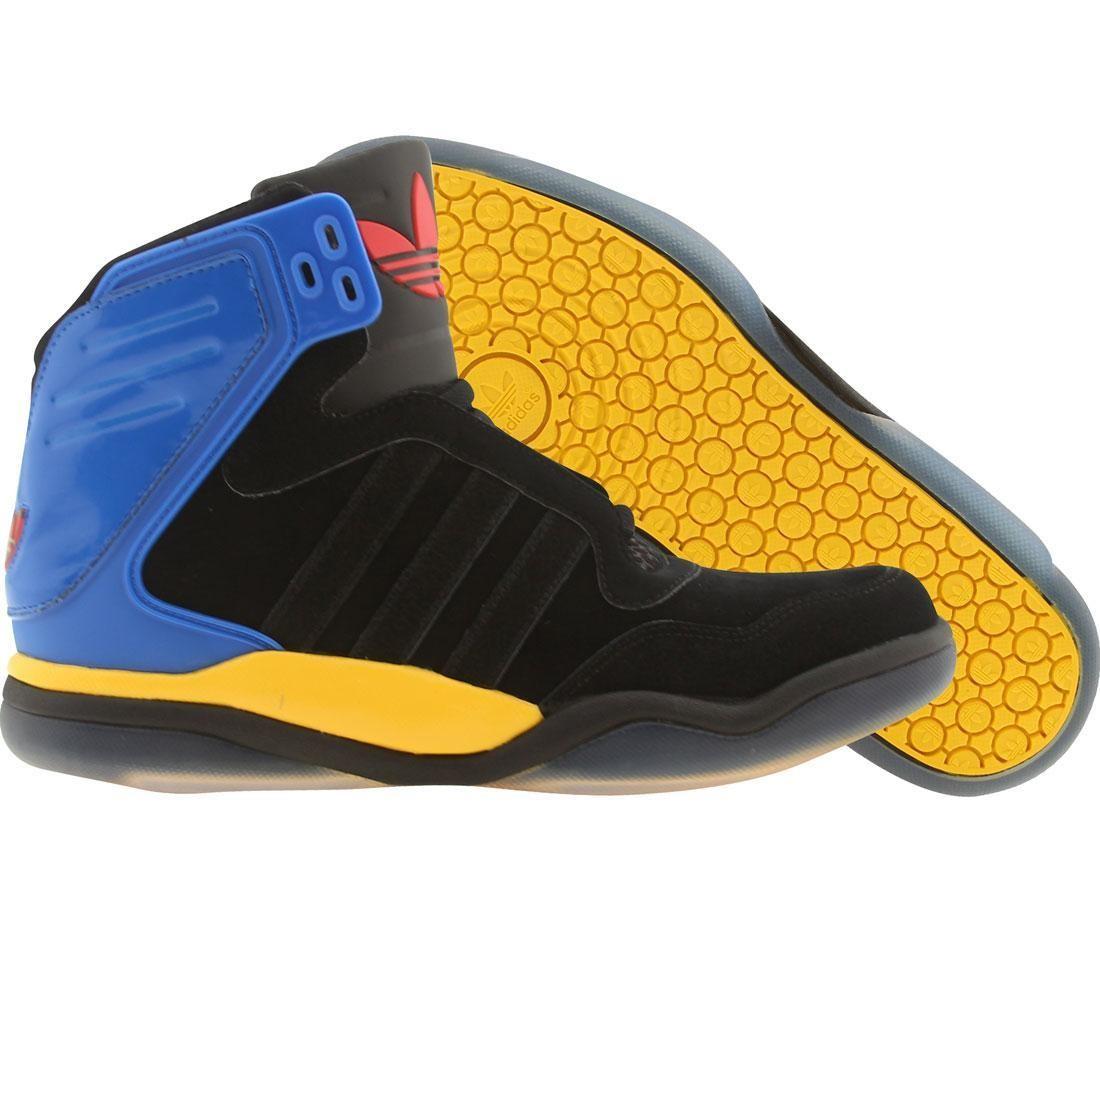 【海外限定】アディダス テック ストリート ミッド 靴 メンズ靴 【 ADIDAS STREET MEN TECH MID BLACK BLUEBIRD 】